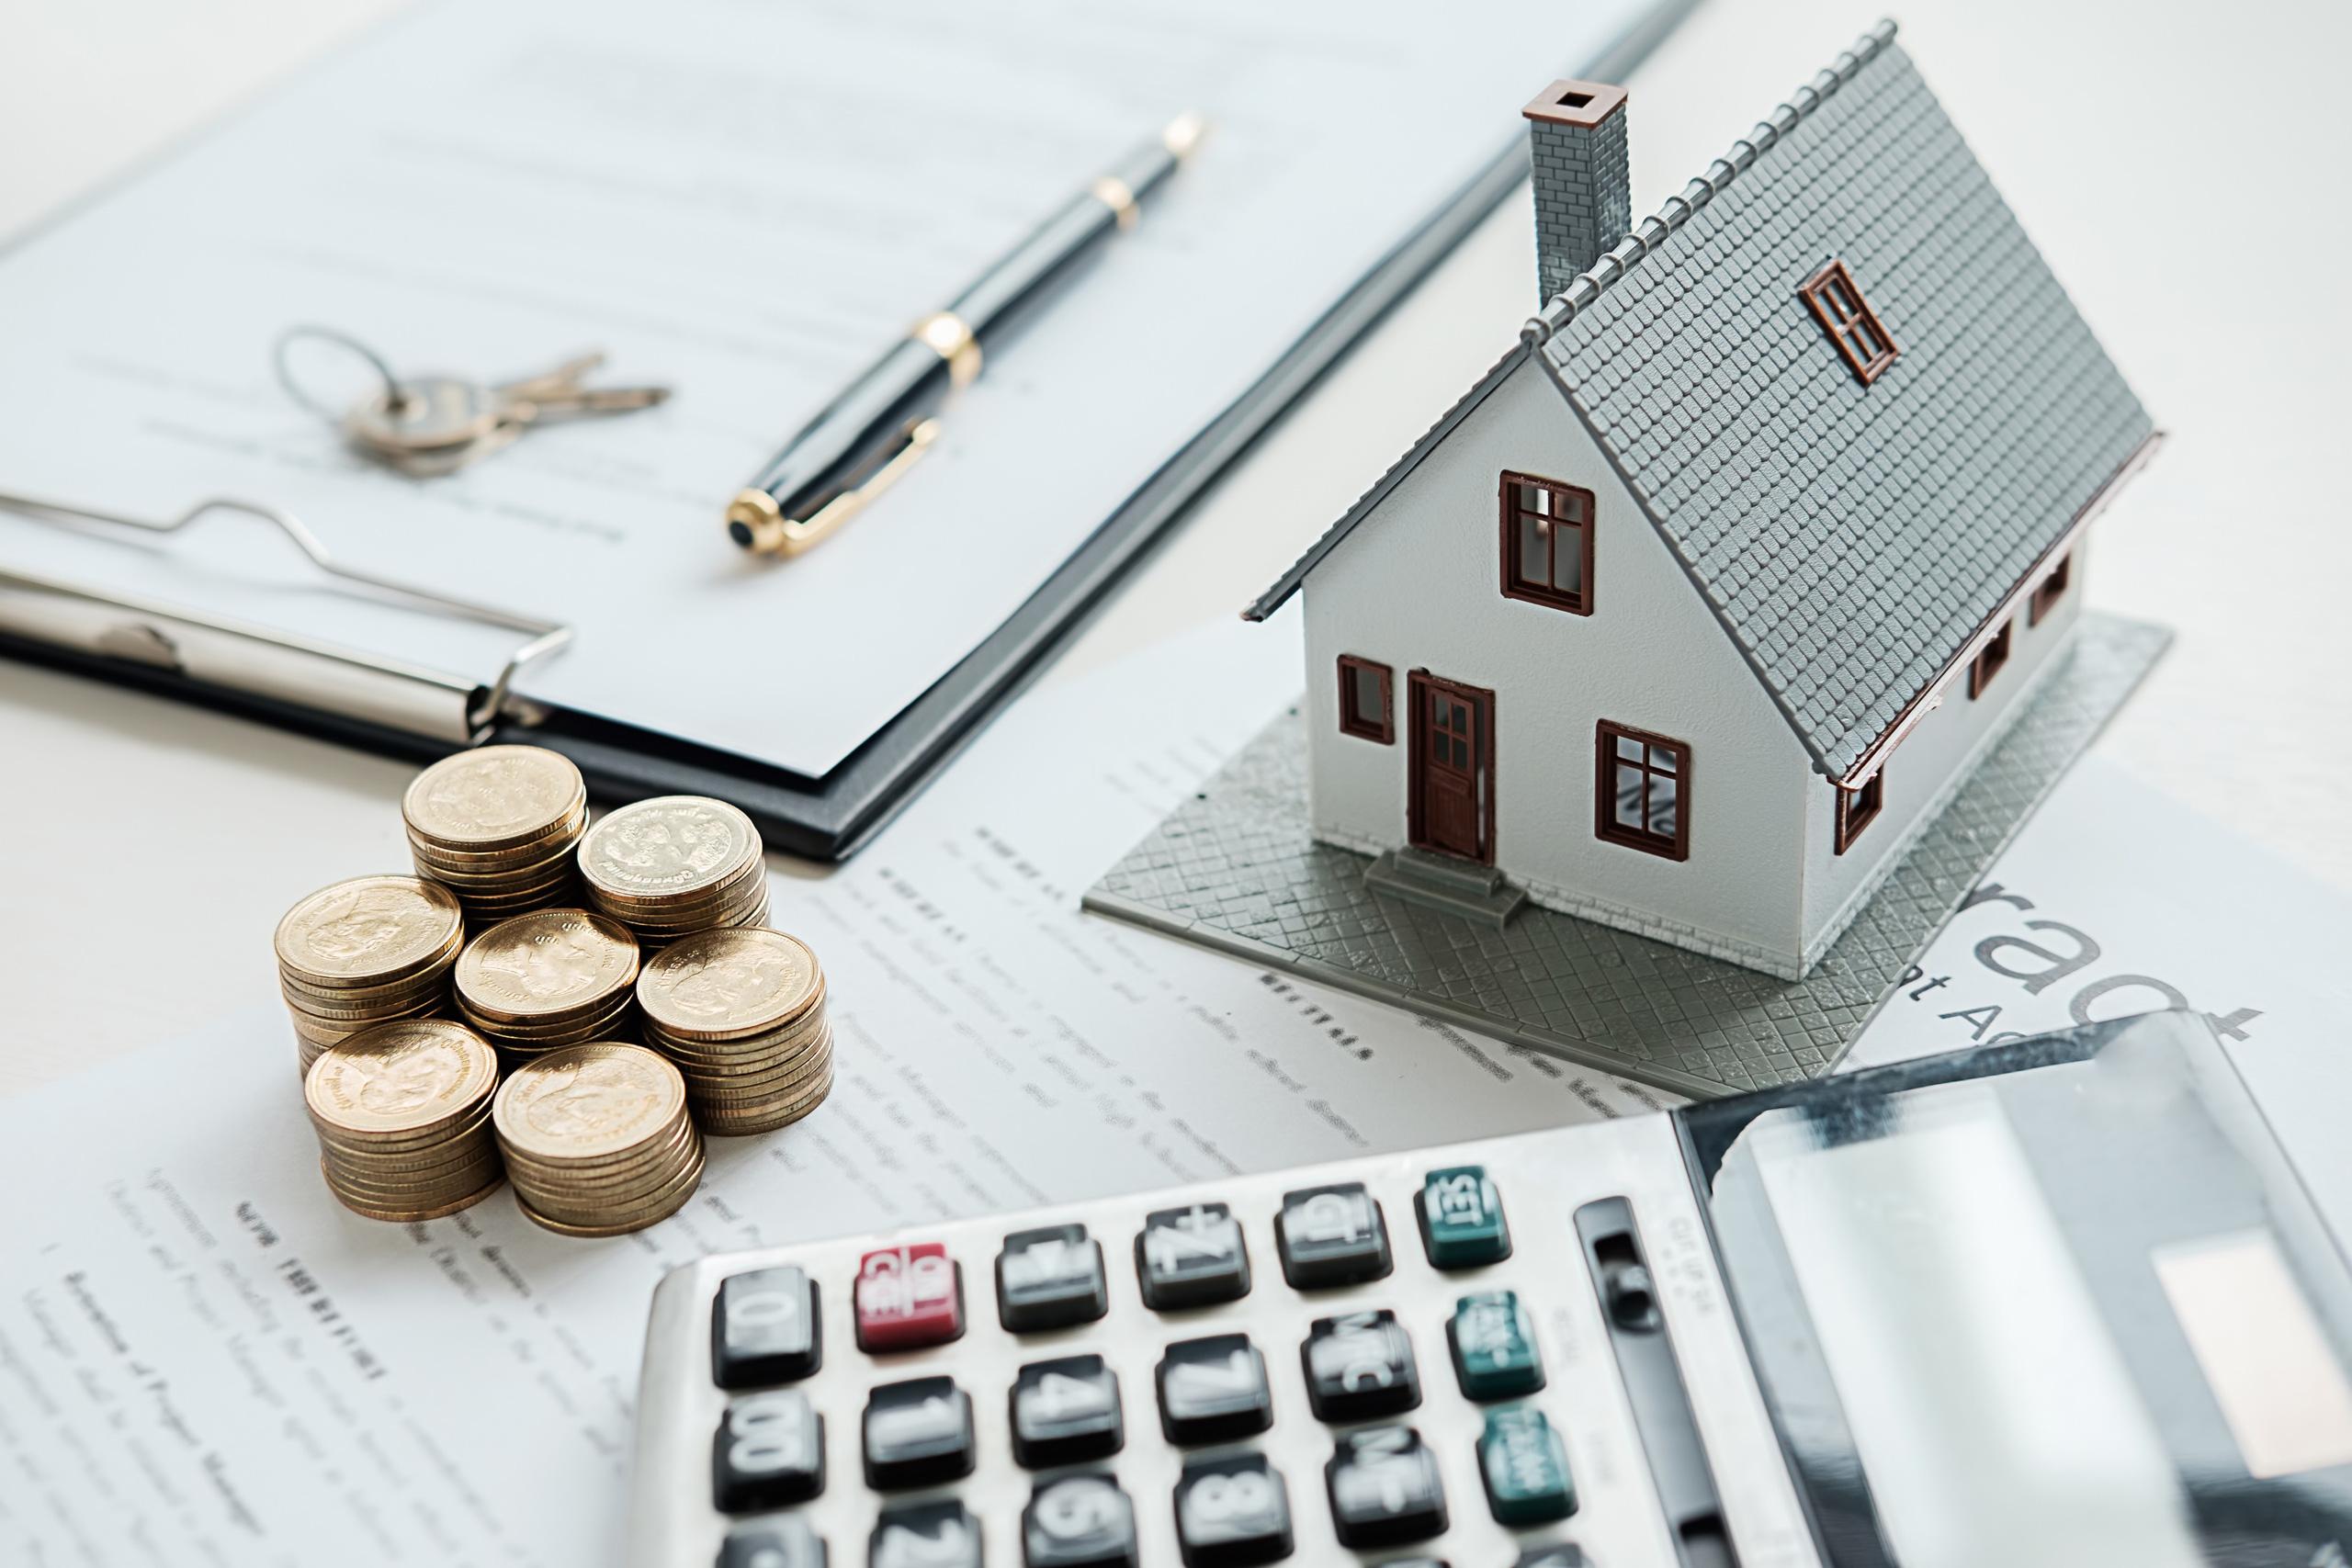 Tham khảo các mẫu hợp đồng mua bán đất đầy đủ, mới nhất  - Ảnh 5.